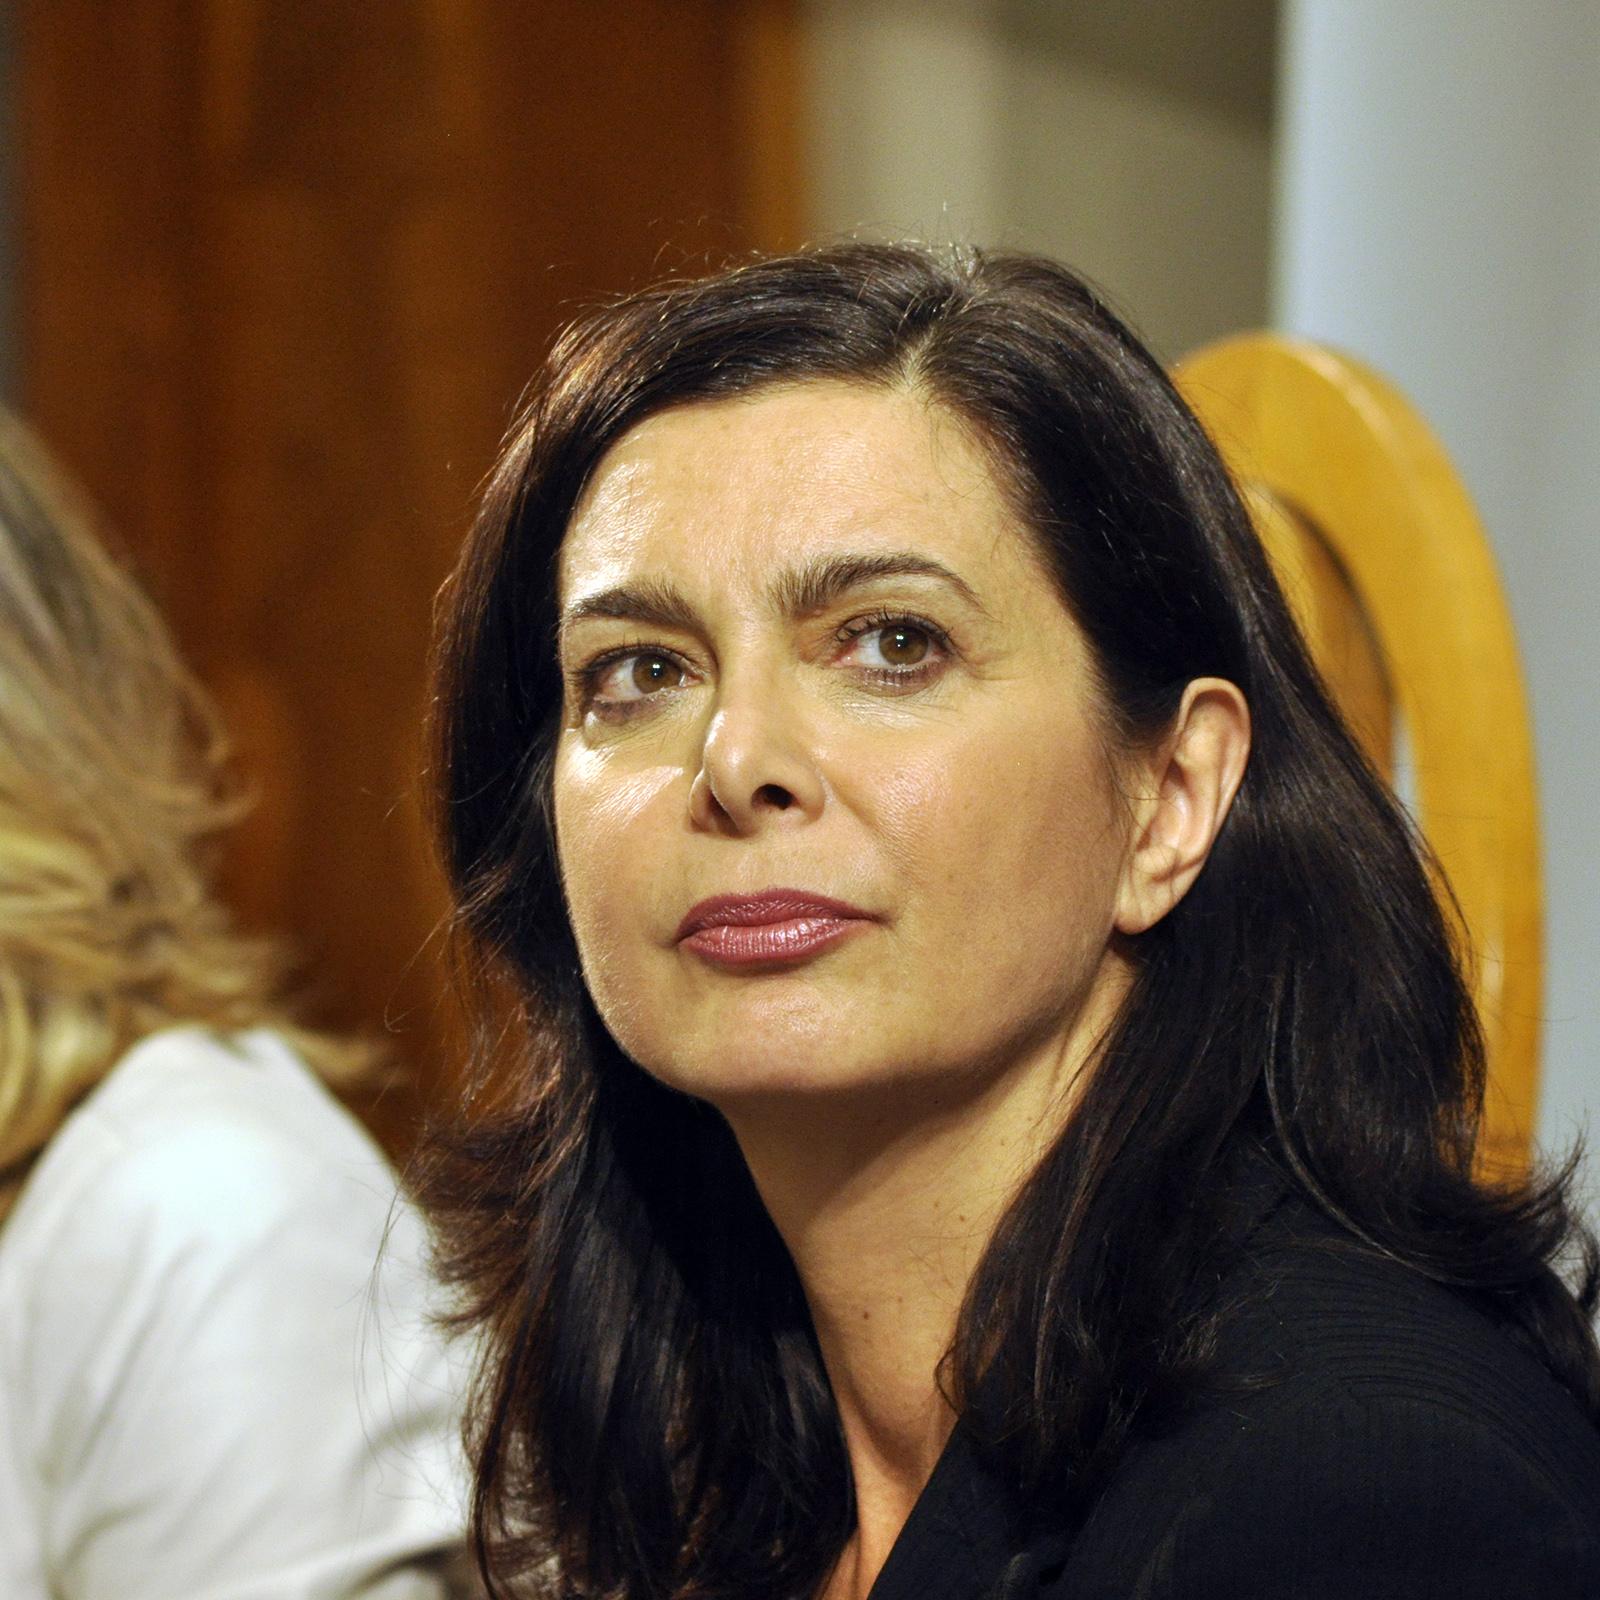 Contro gli attacchi sessisti dei 5 stelle a Boldrini